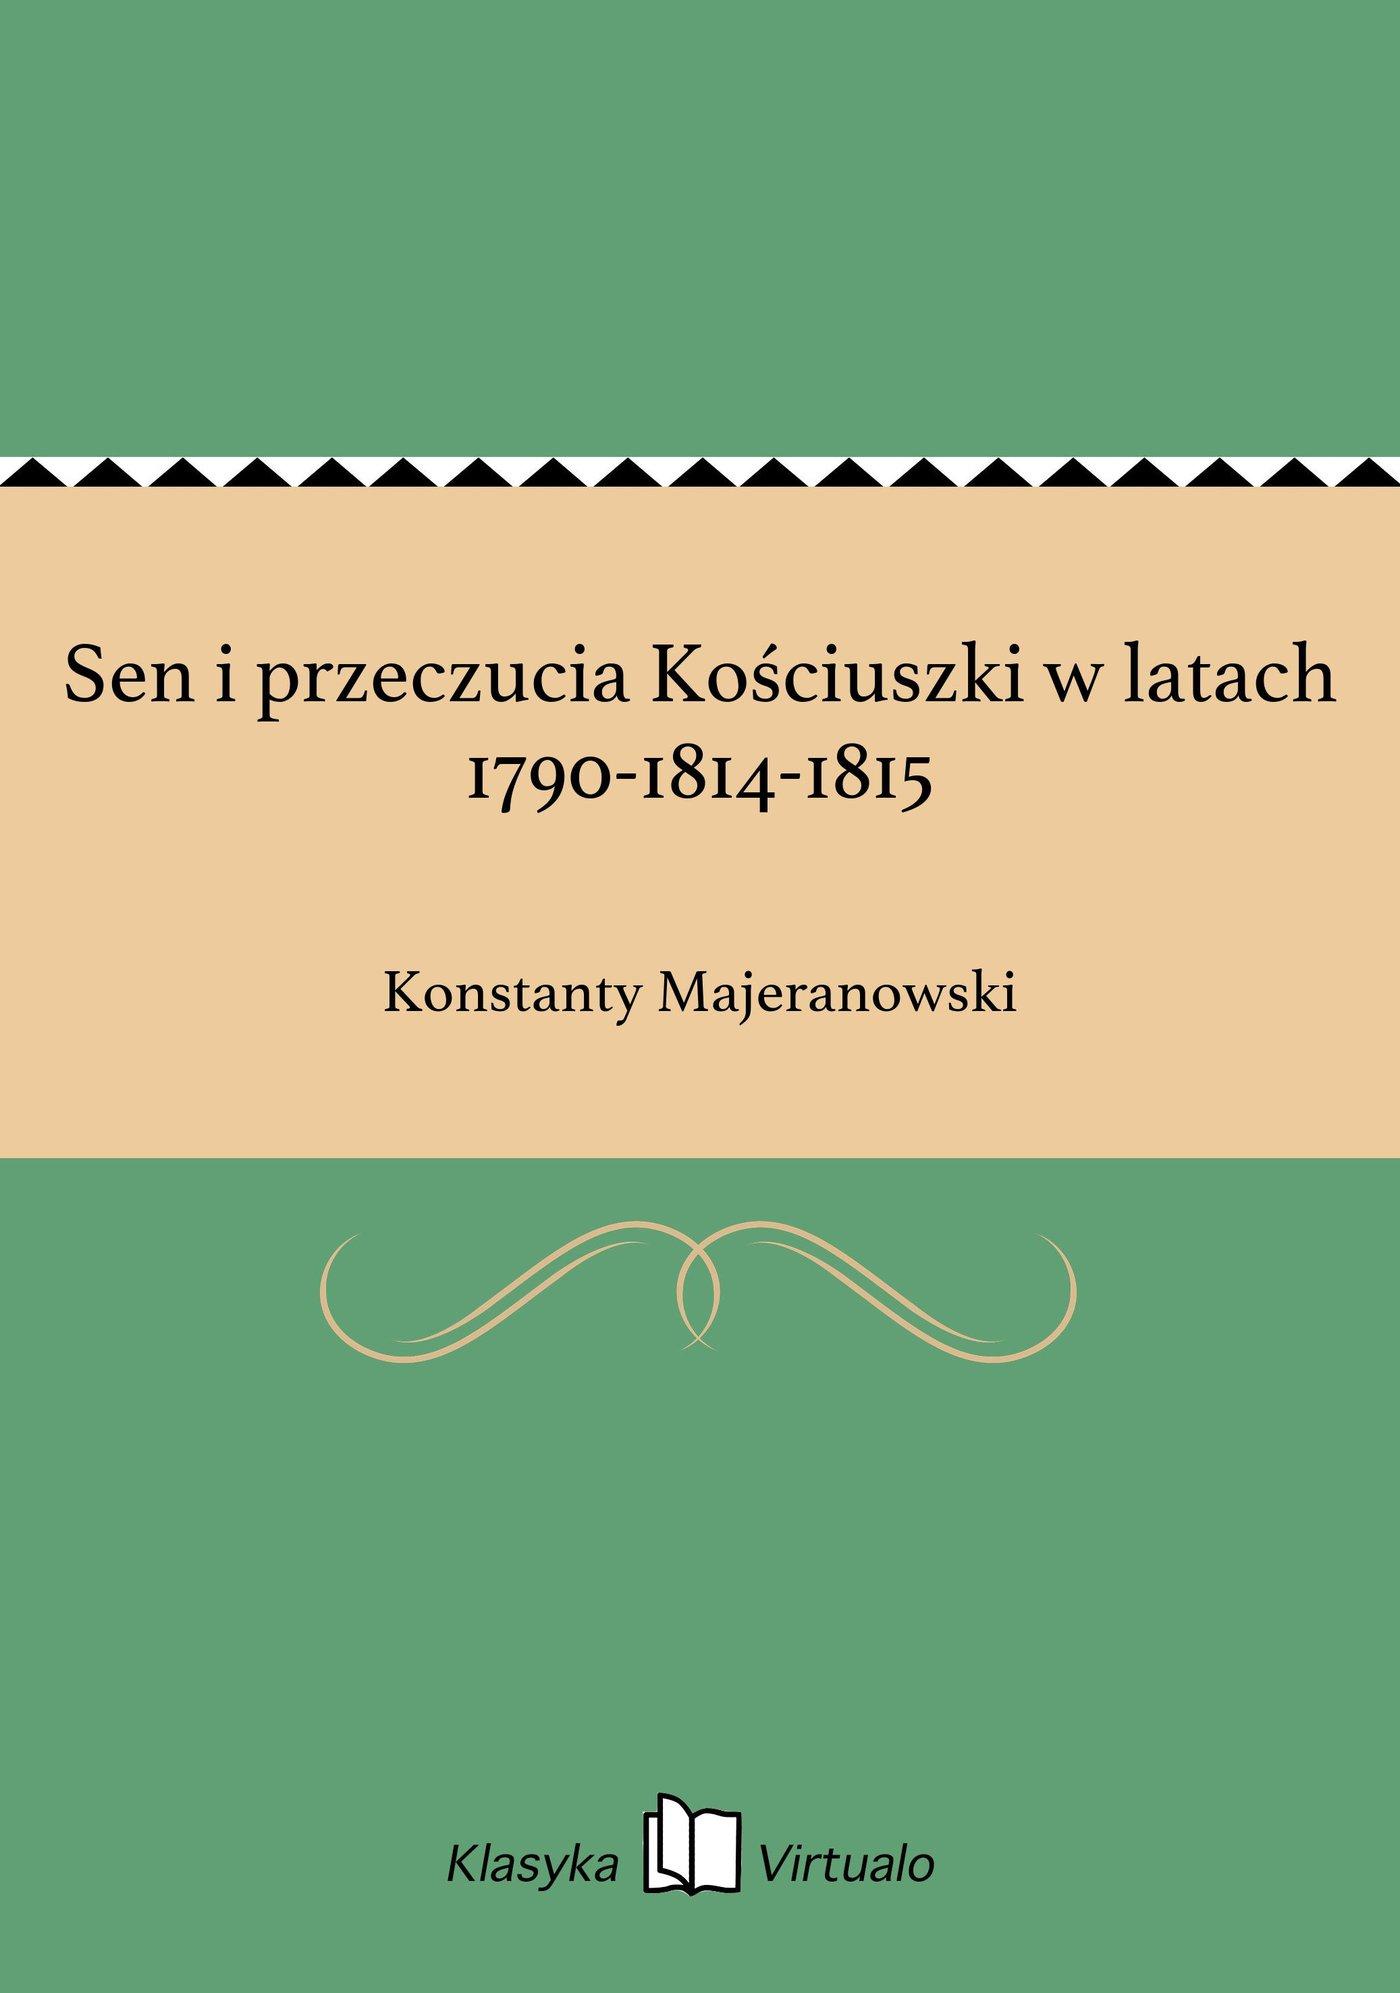 Sen i przeczucia Kościuszki w latach 1790-1814-1815 - Ebook (Książka EPUB) do pobrania w formacie EPUB